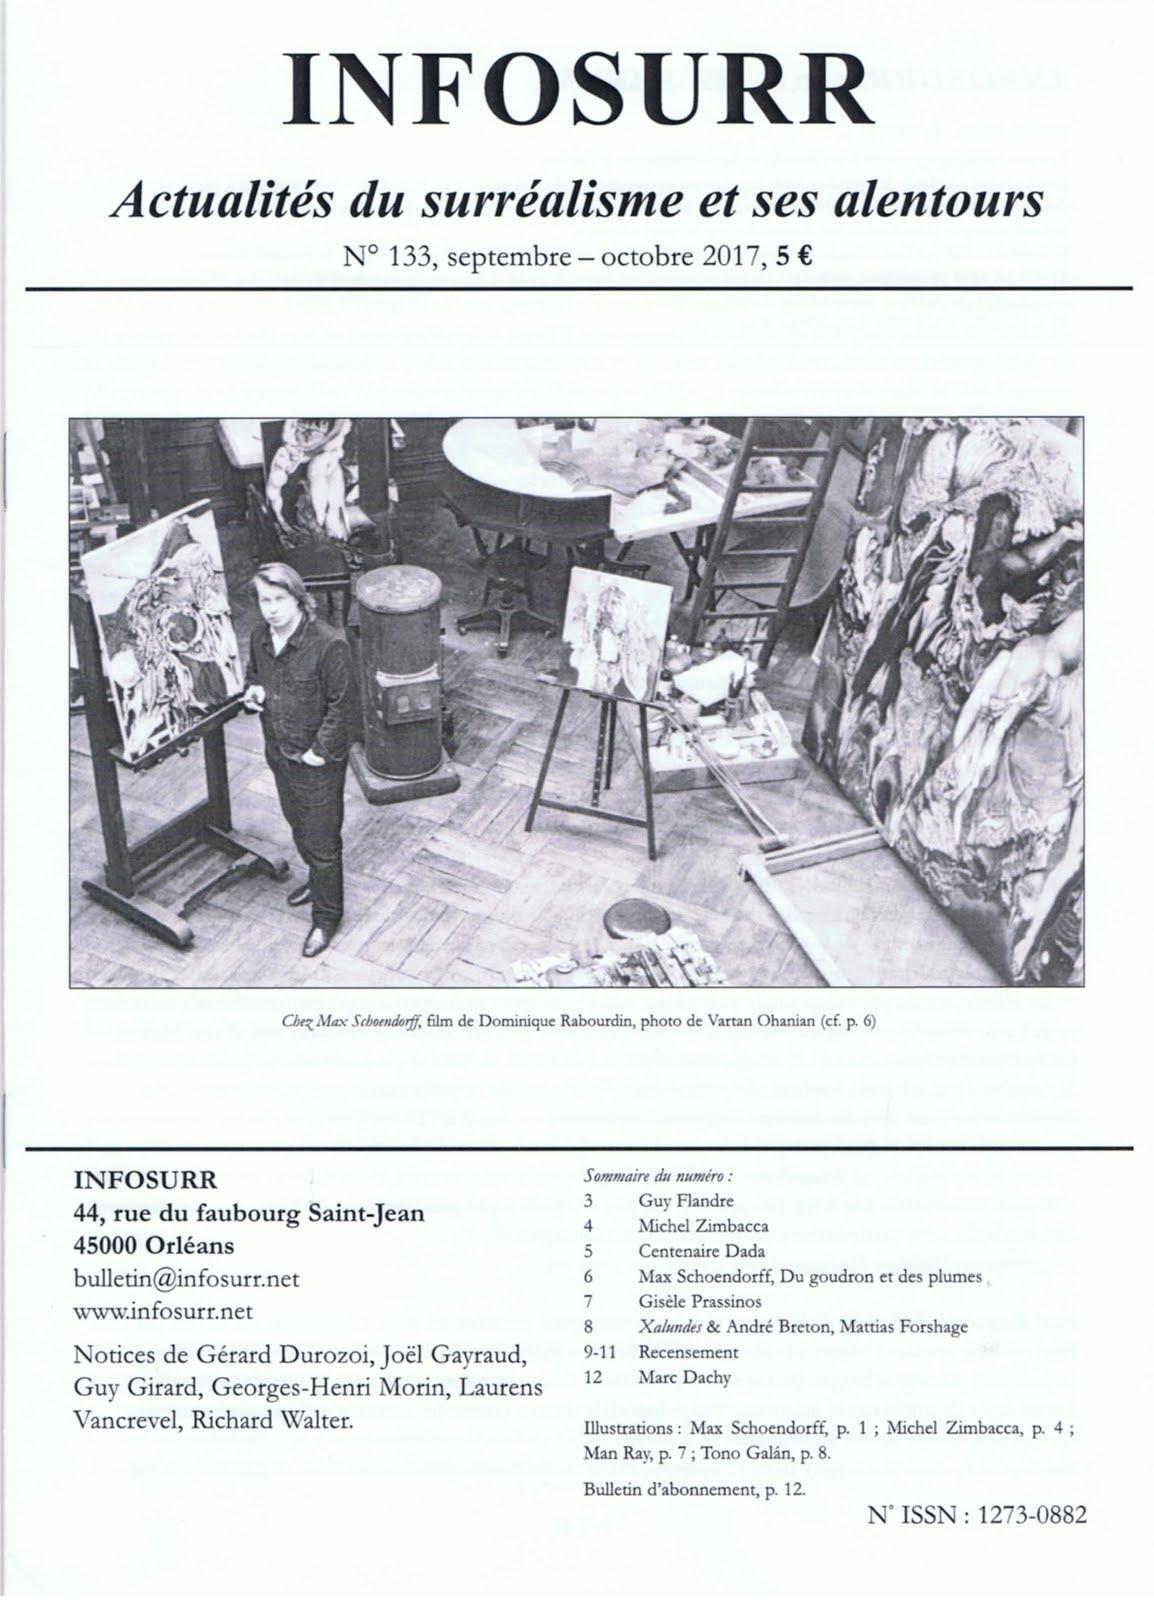 INFOSURR N°133, septembre-octobre 2017 (PARUTION JUIN 2018)